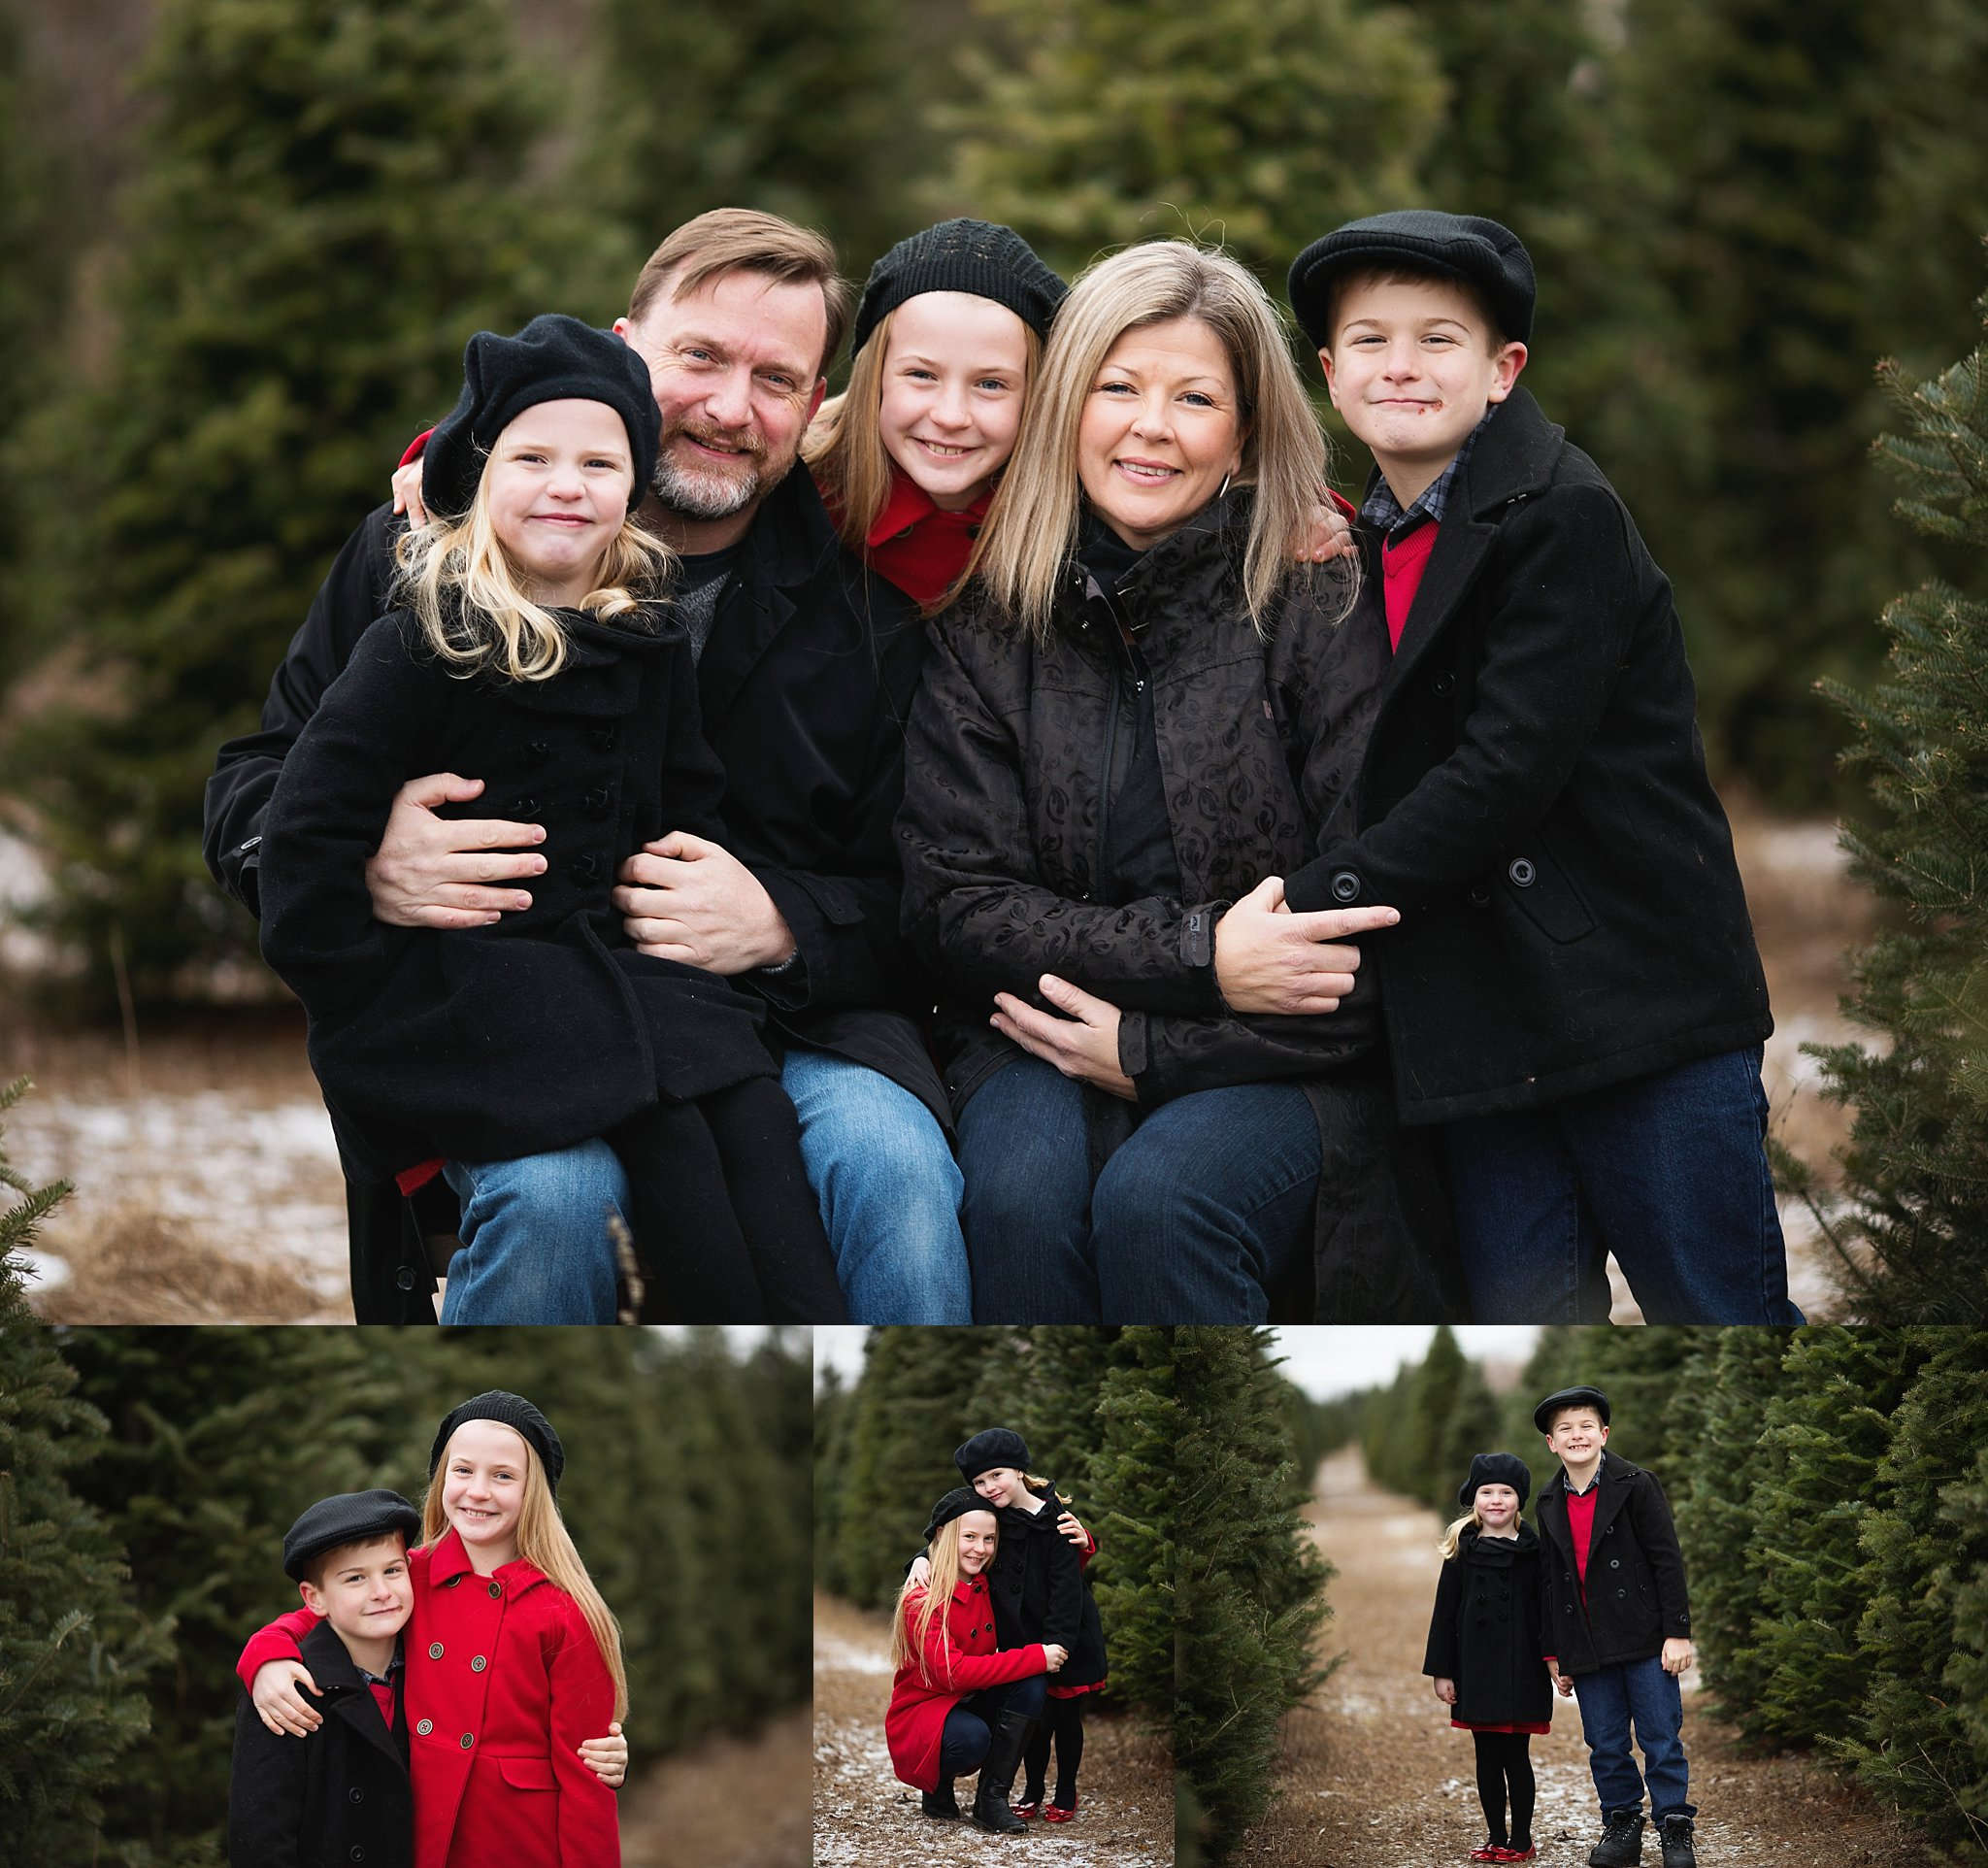 family portraits ottawa photographer